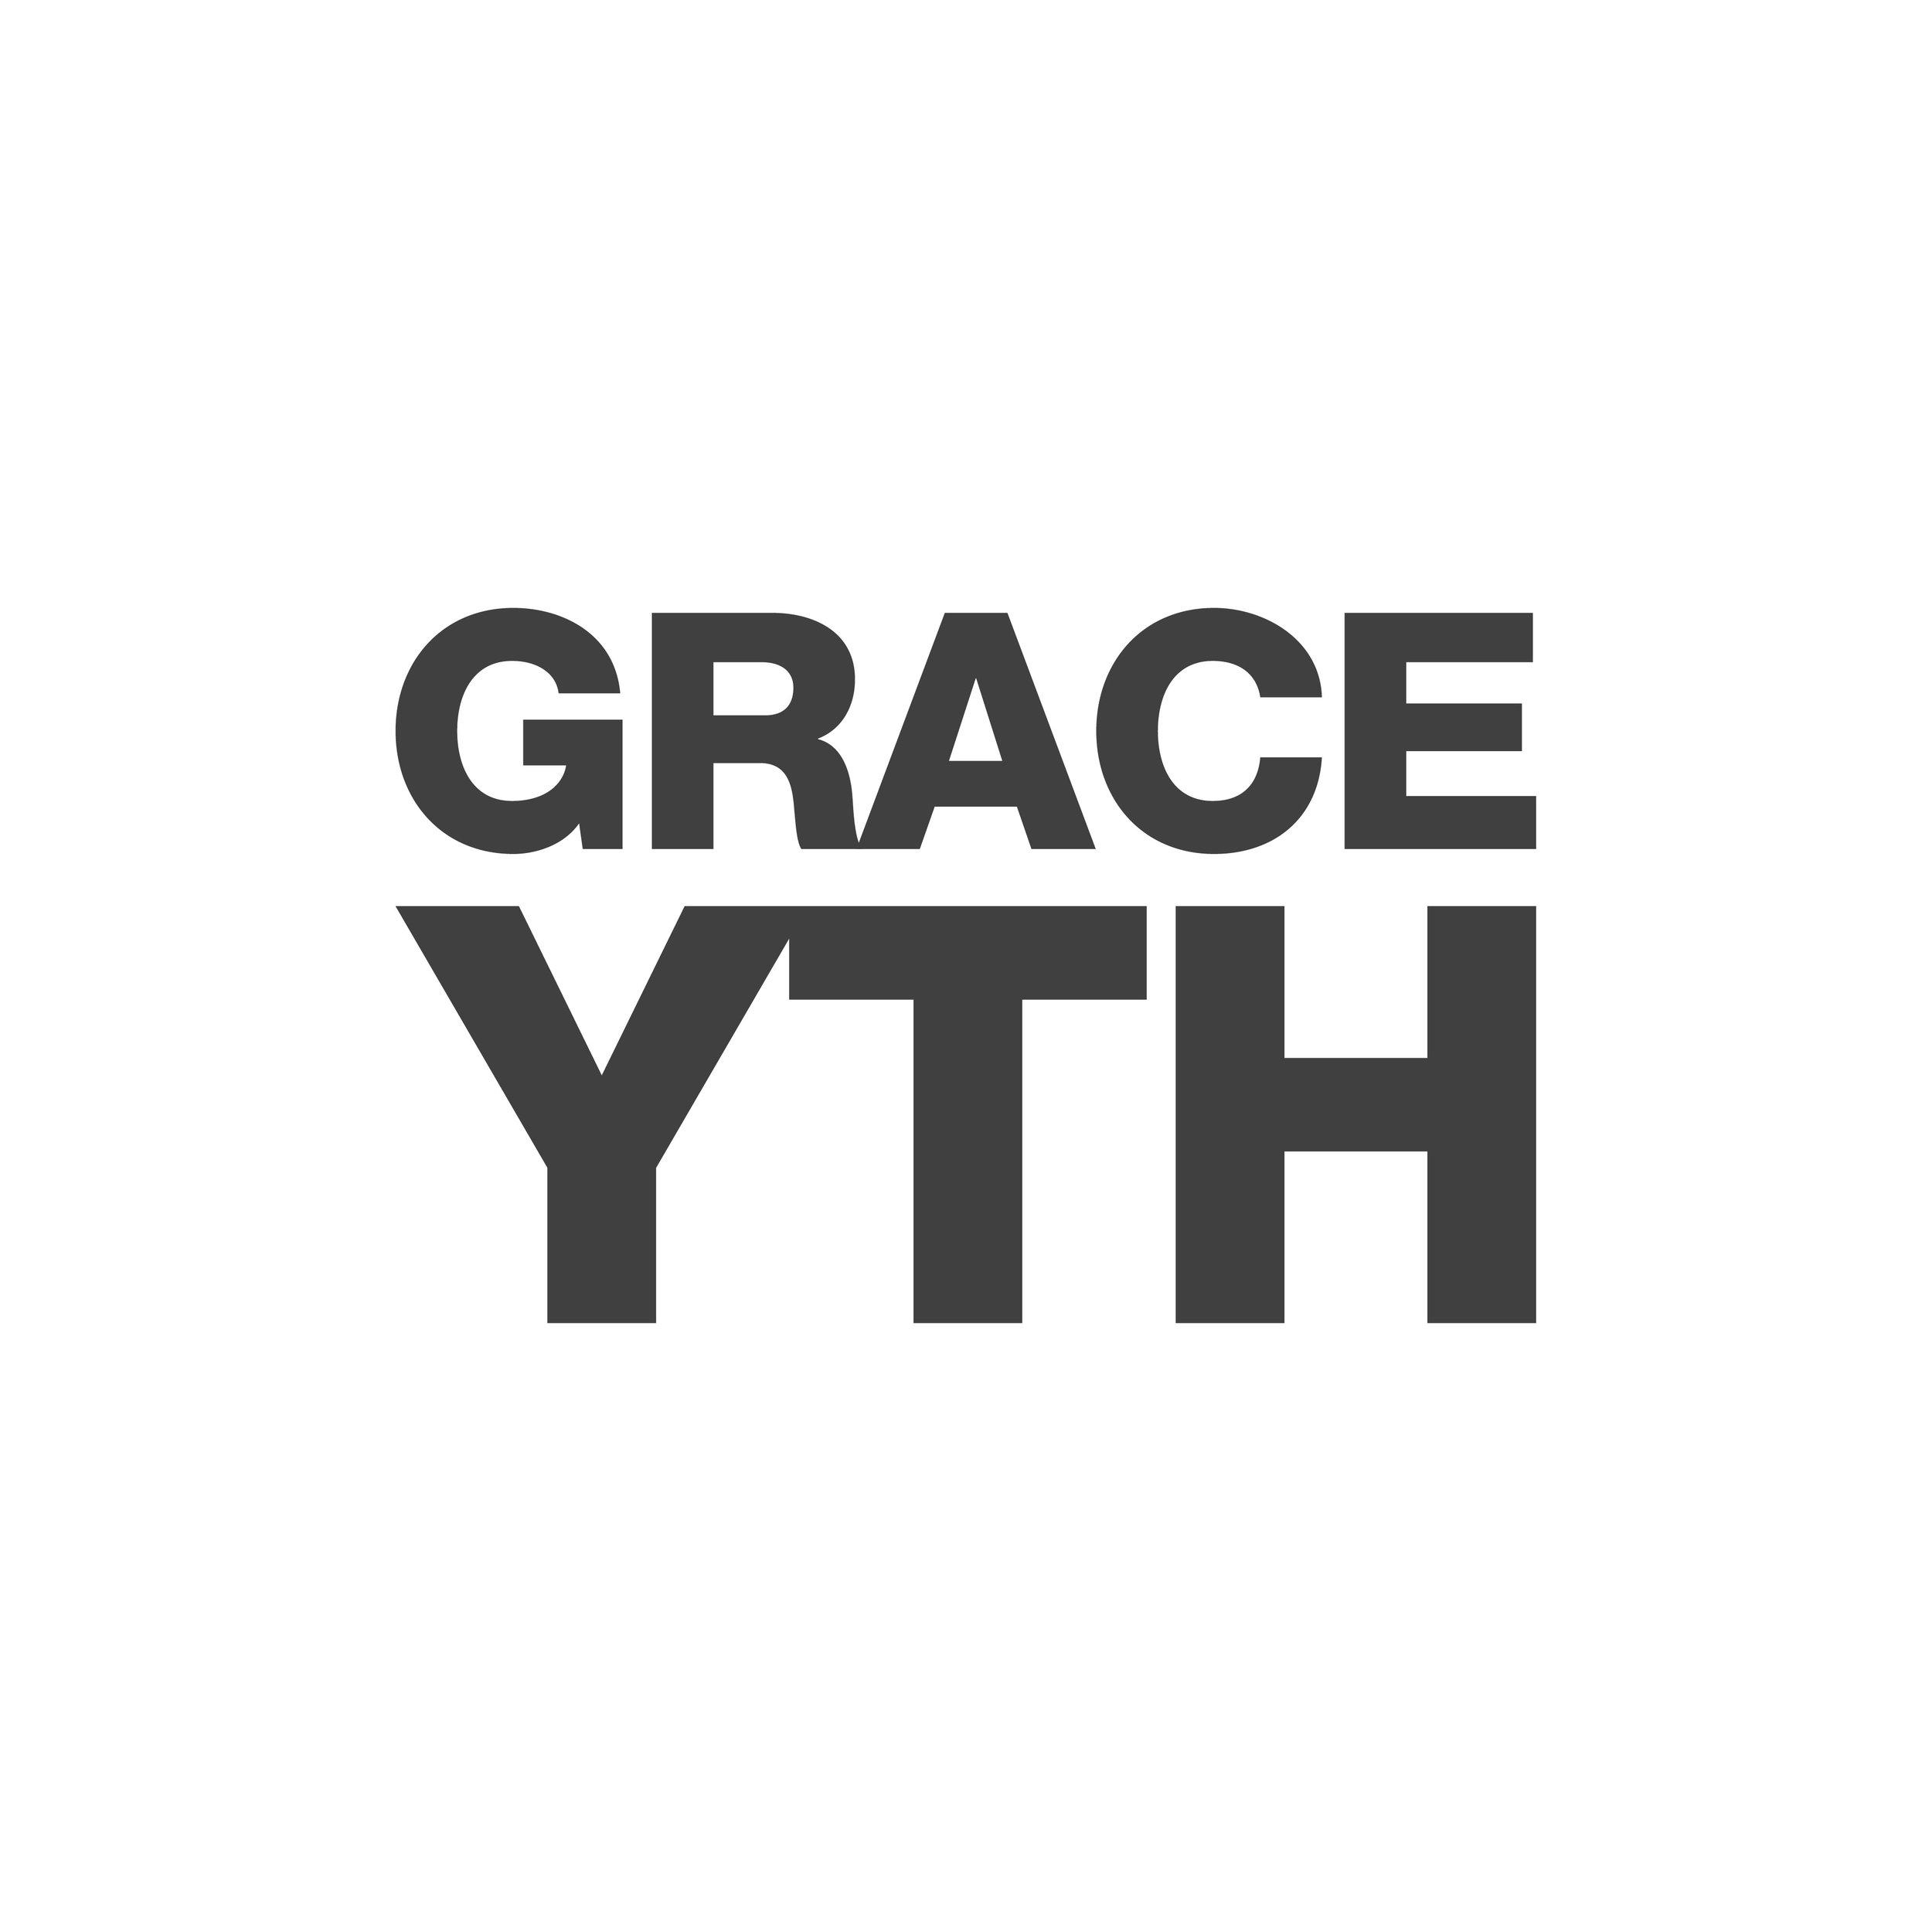 GraceYouthLogo-02.jpg